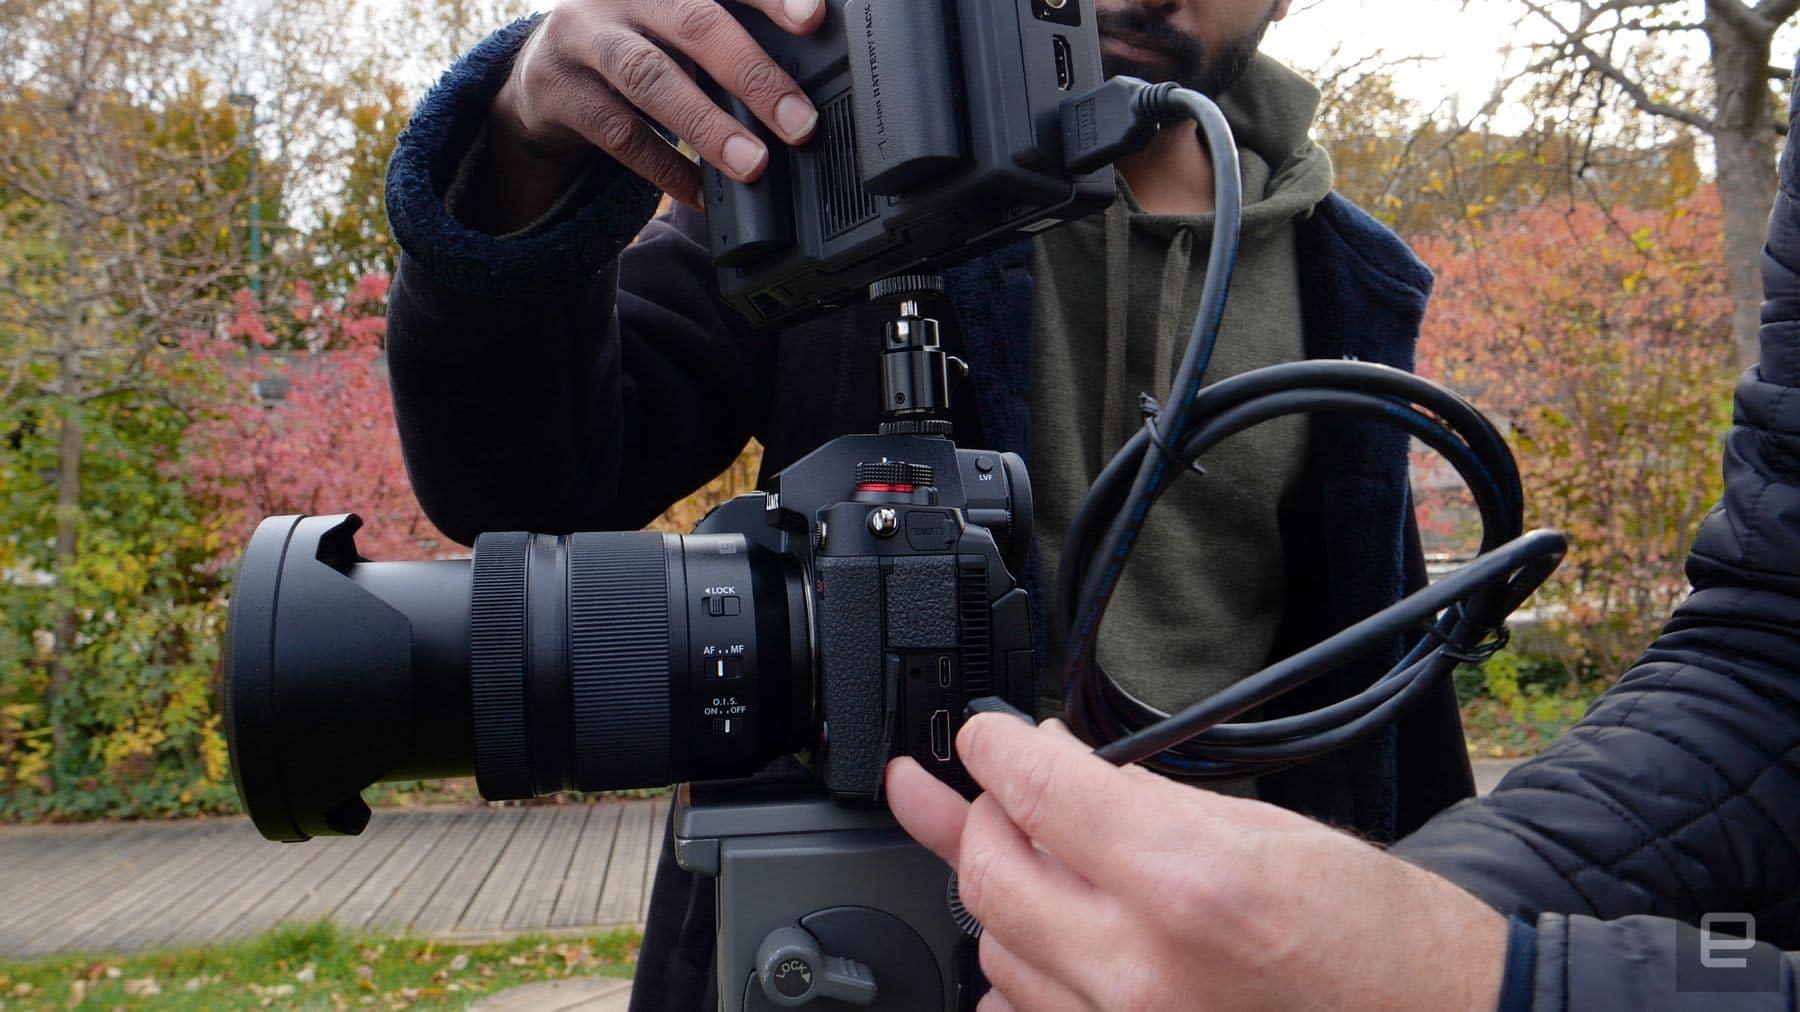 Panasonic S1H full-frame mirrorless camera